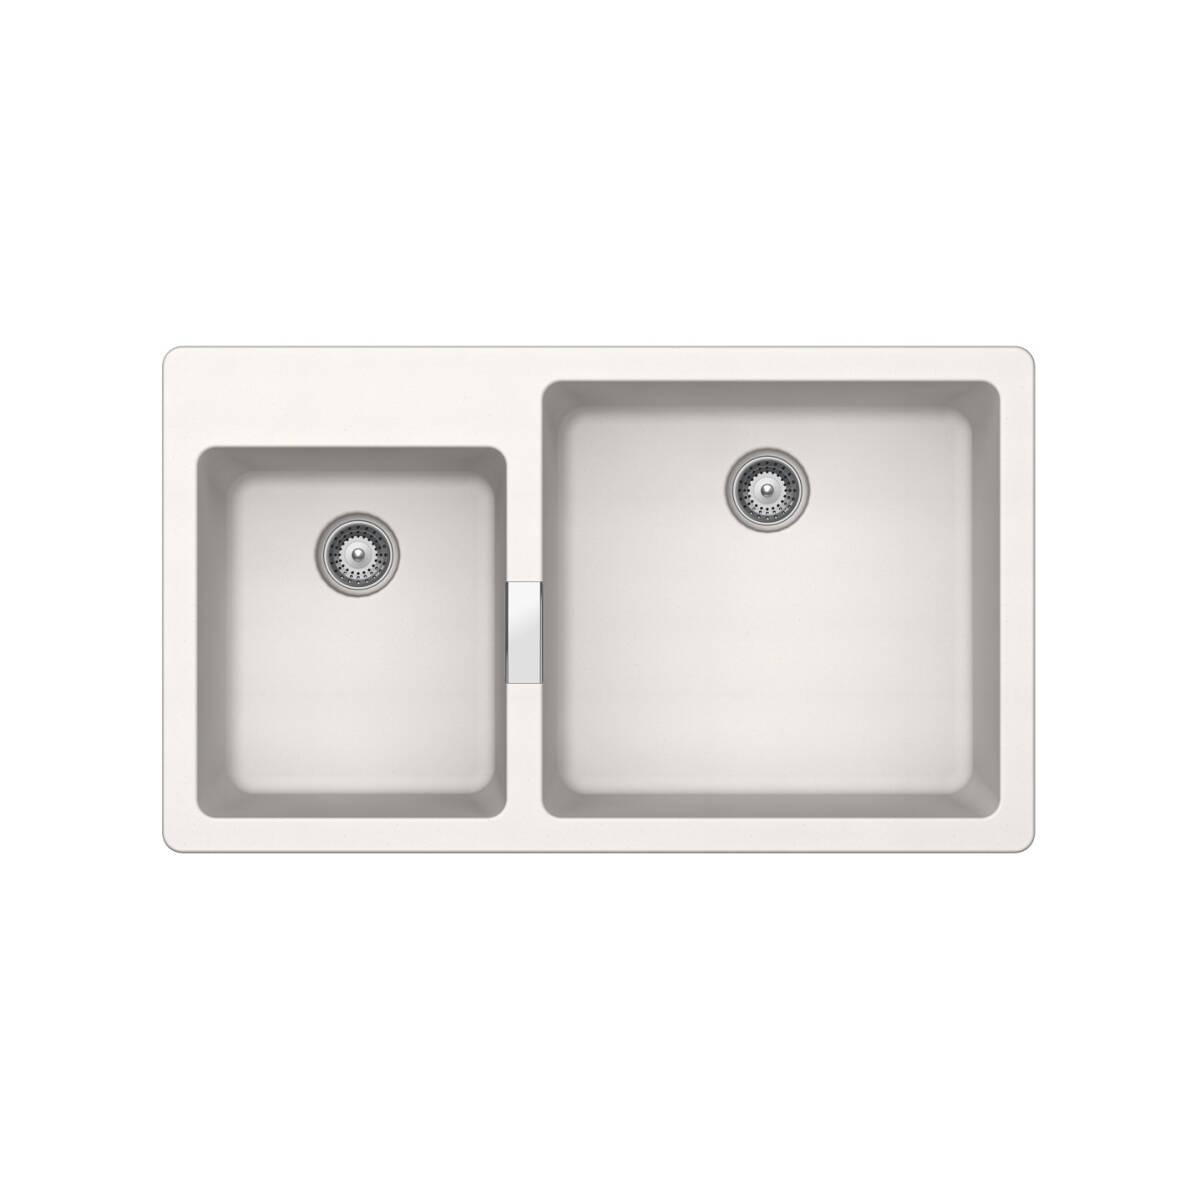 Axor Sinks Axor Made By Schock 43002100